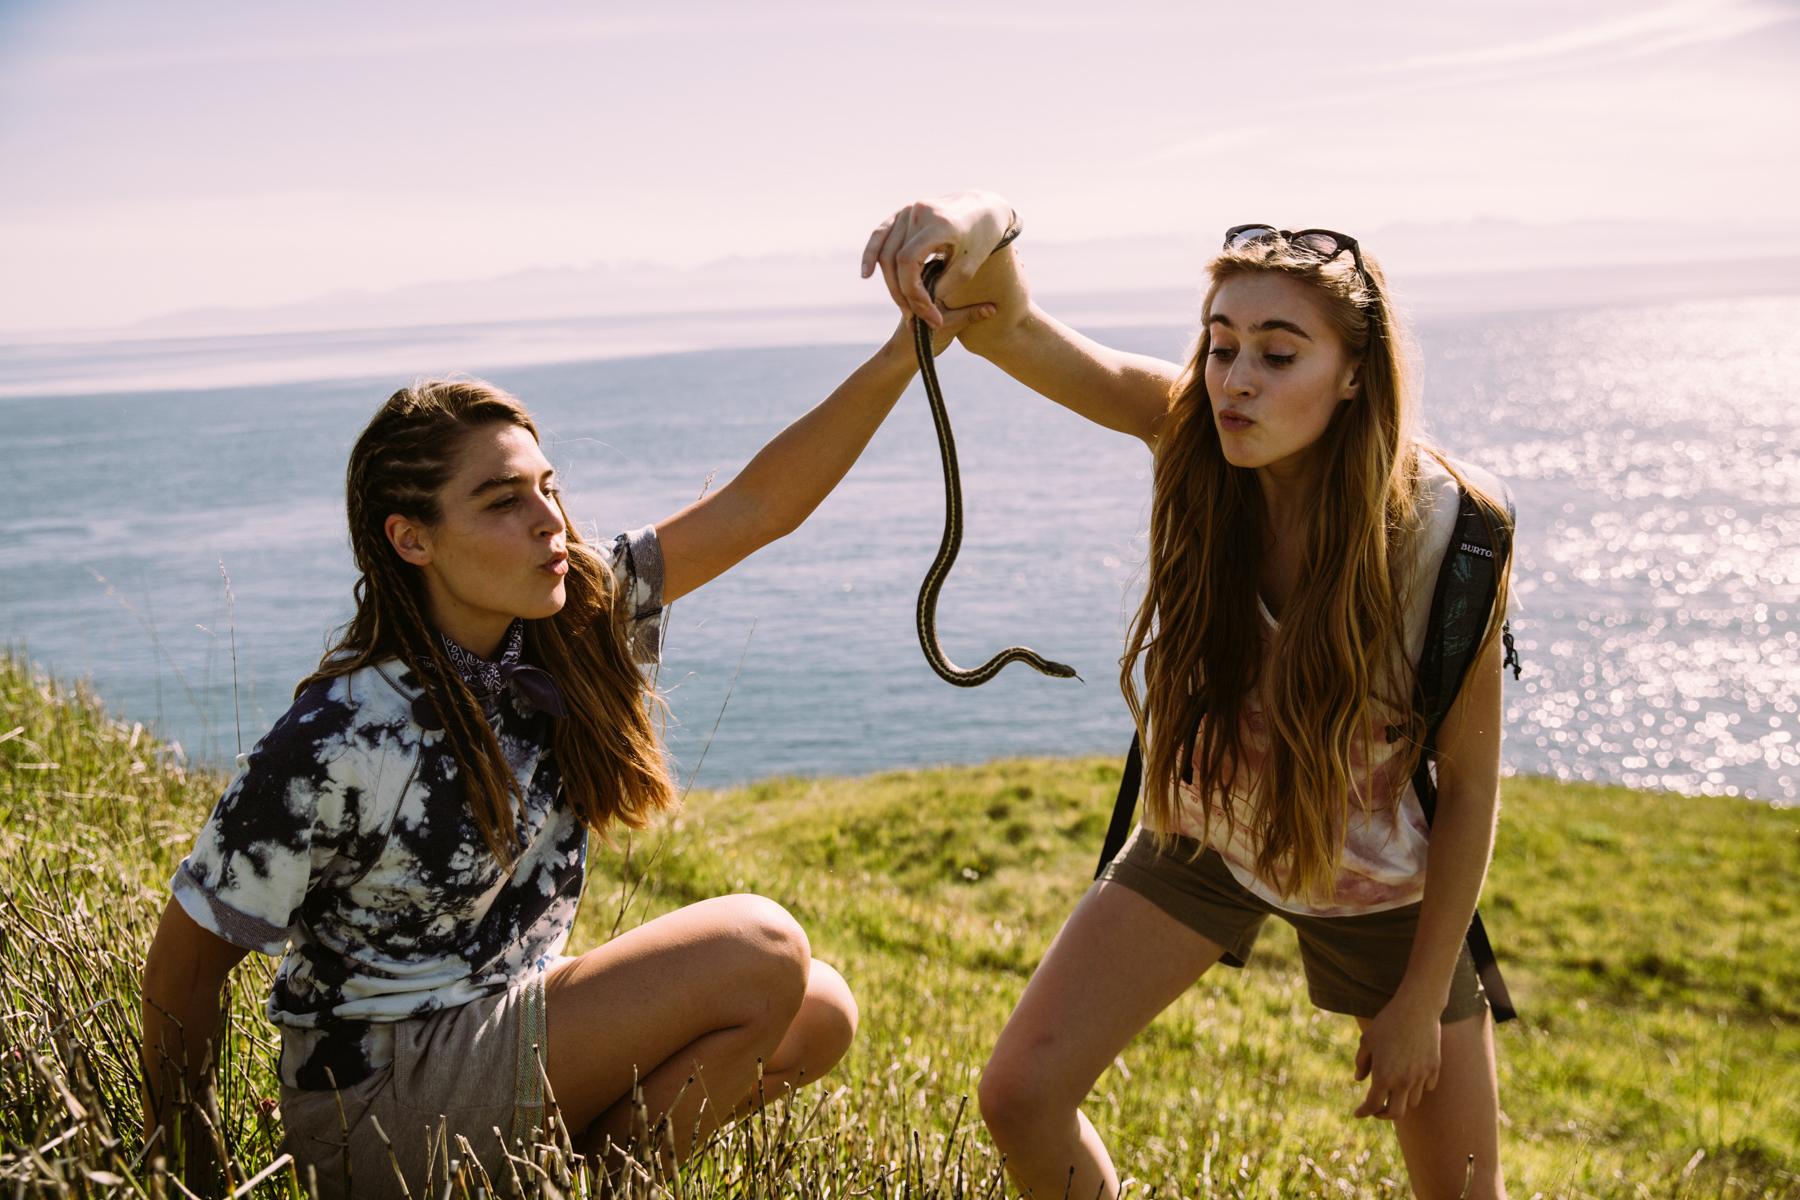 Tavia/ Skylar... Snakes in the grass